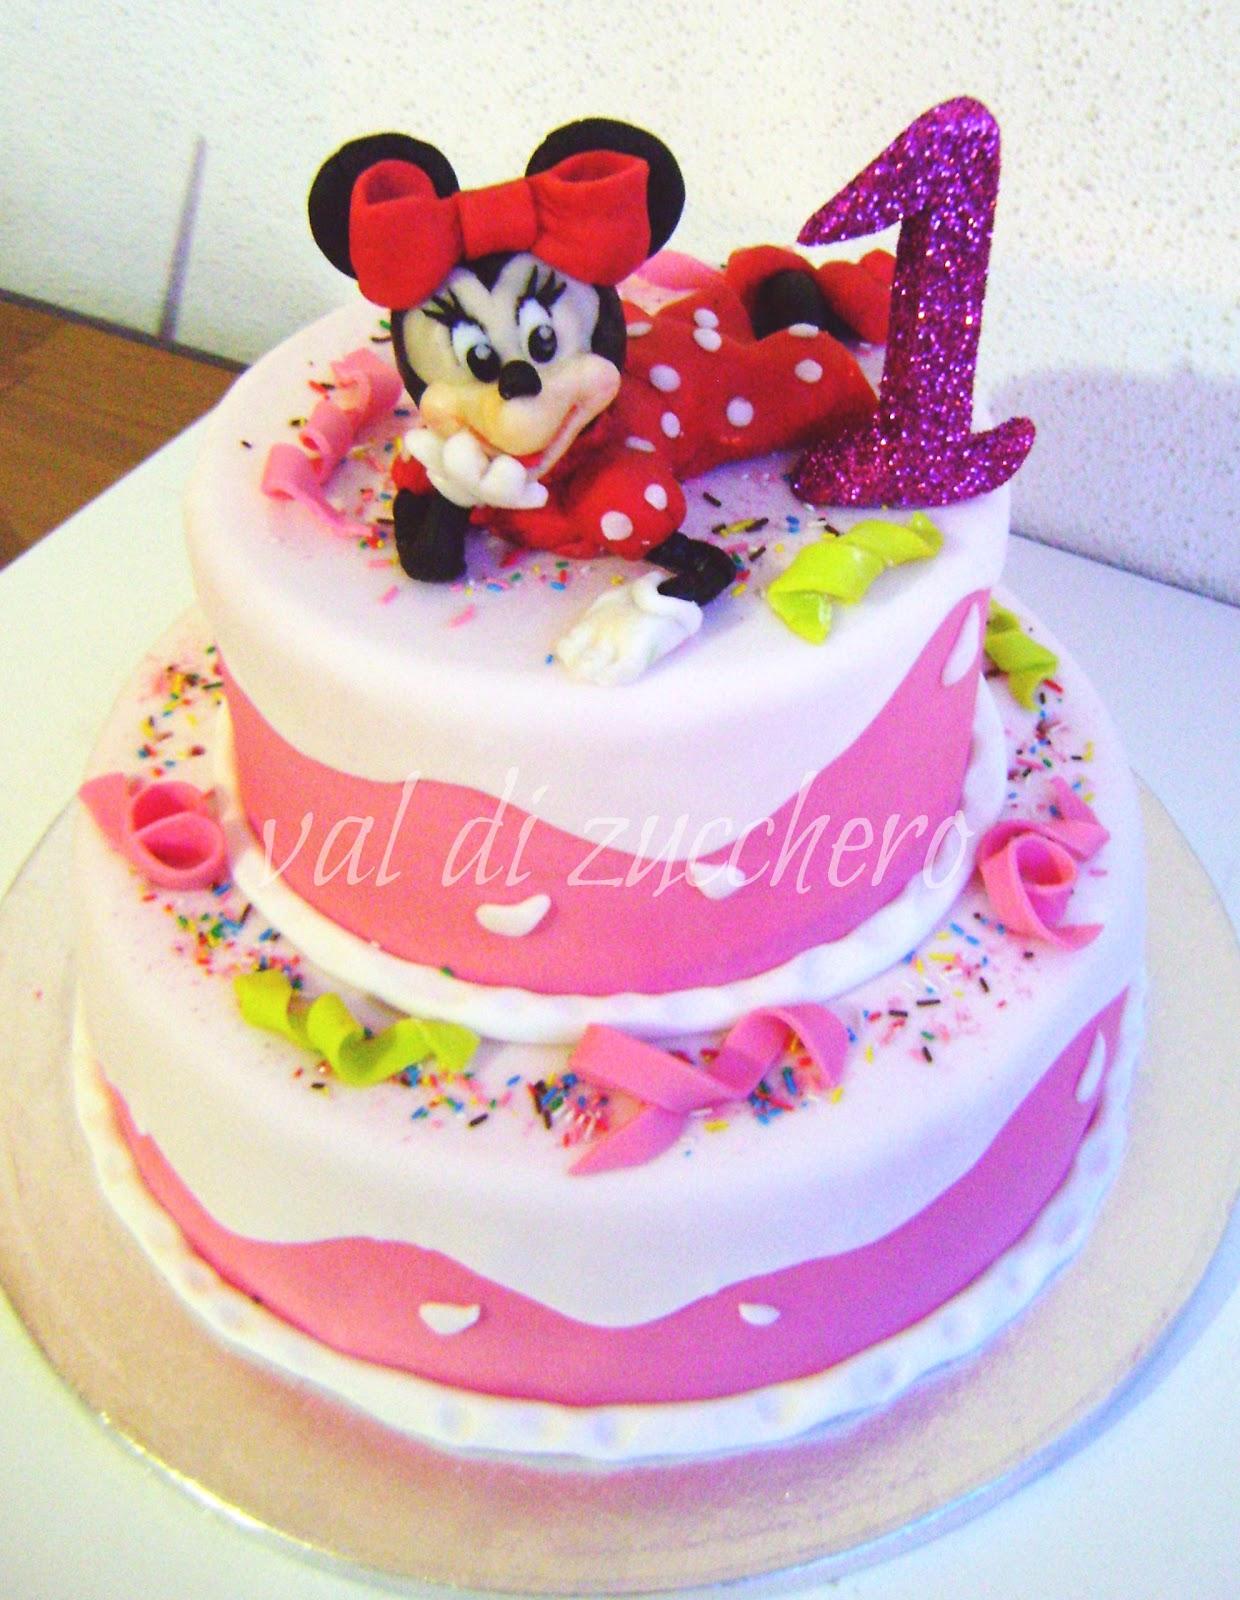 Amato Val di zucchero: Nuovamente Minnie! PL11